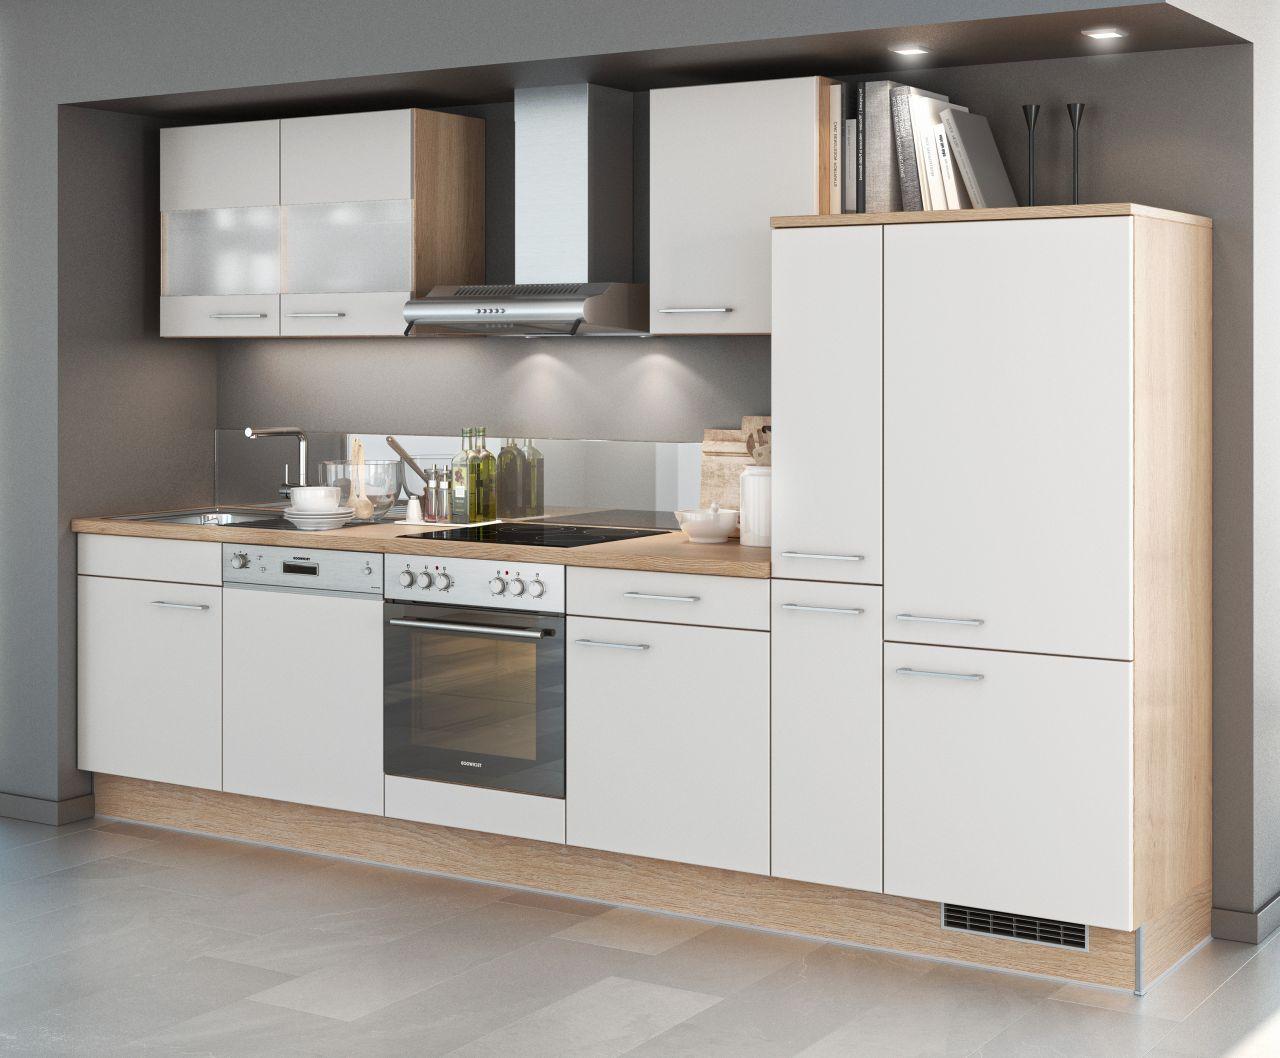 Einbauküchen - Einbauküche MANKASOLAR 2 Weiß matt Sonomaeiche Küchenzeile 320 cm mit E Geräte  - Onlineshop Manka Möbel